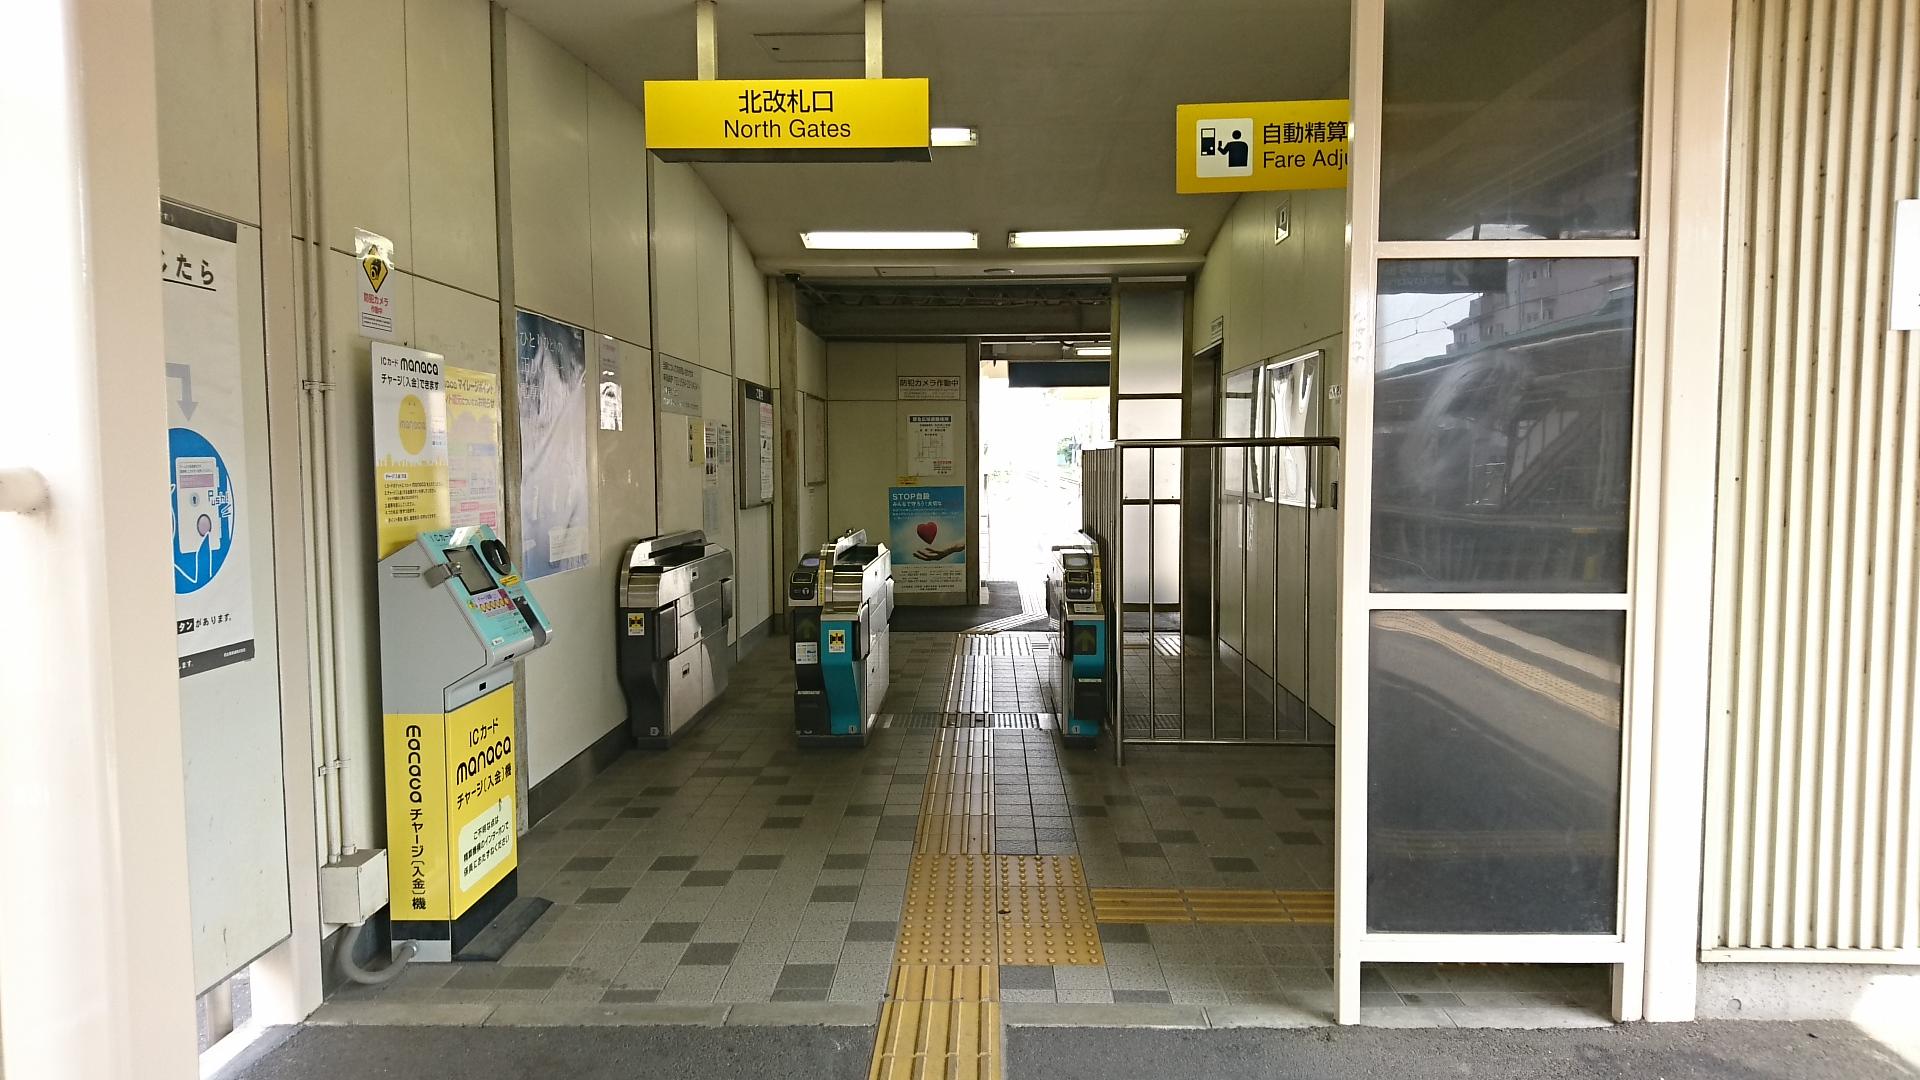 2017.7.16 名鉄 (8) 宇頭=さがりホームかいさつ